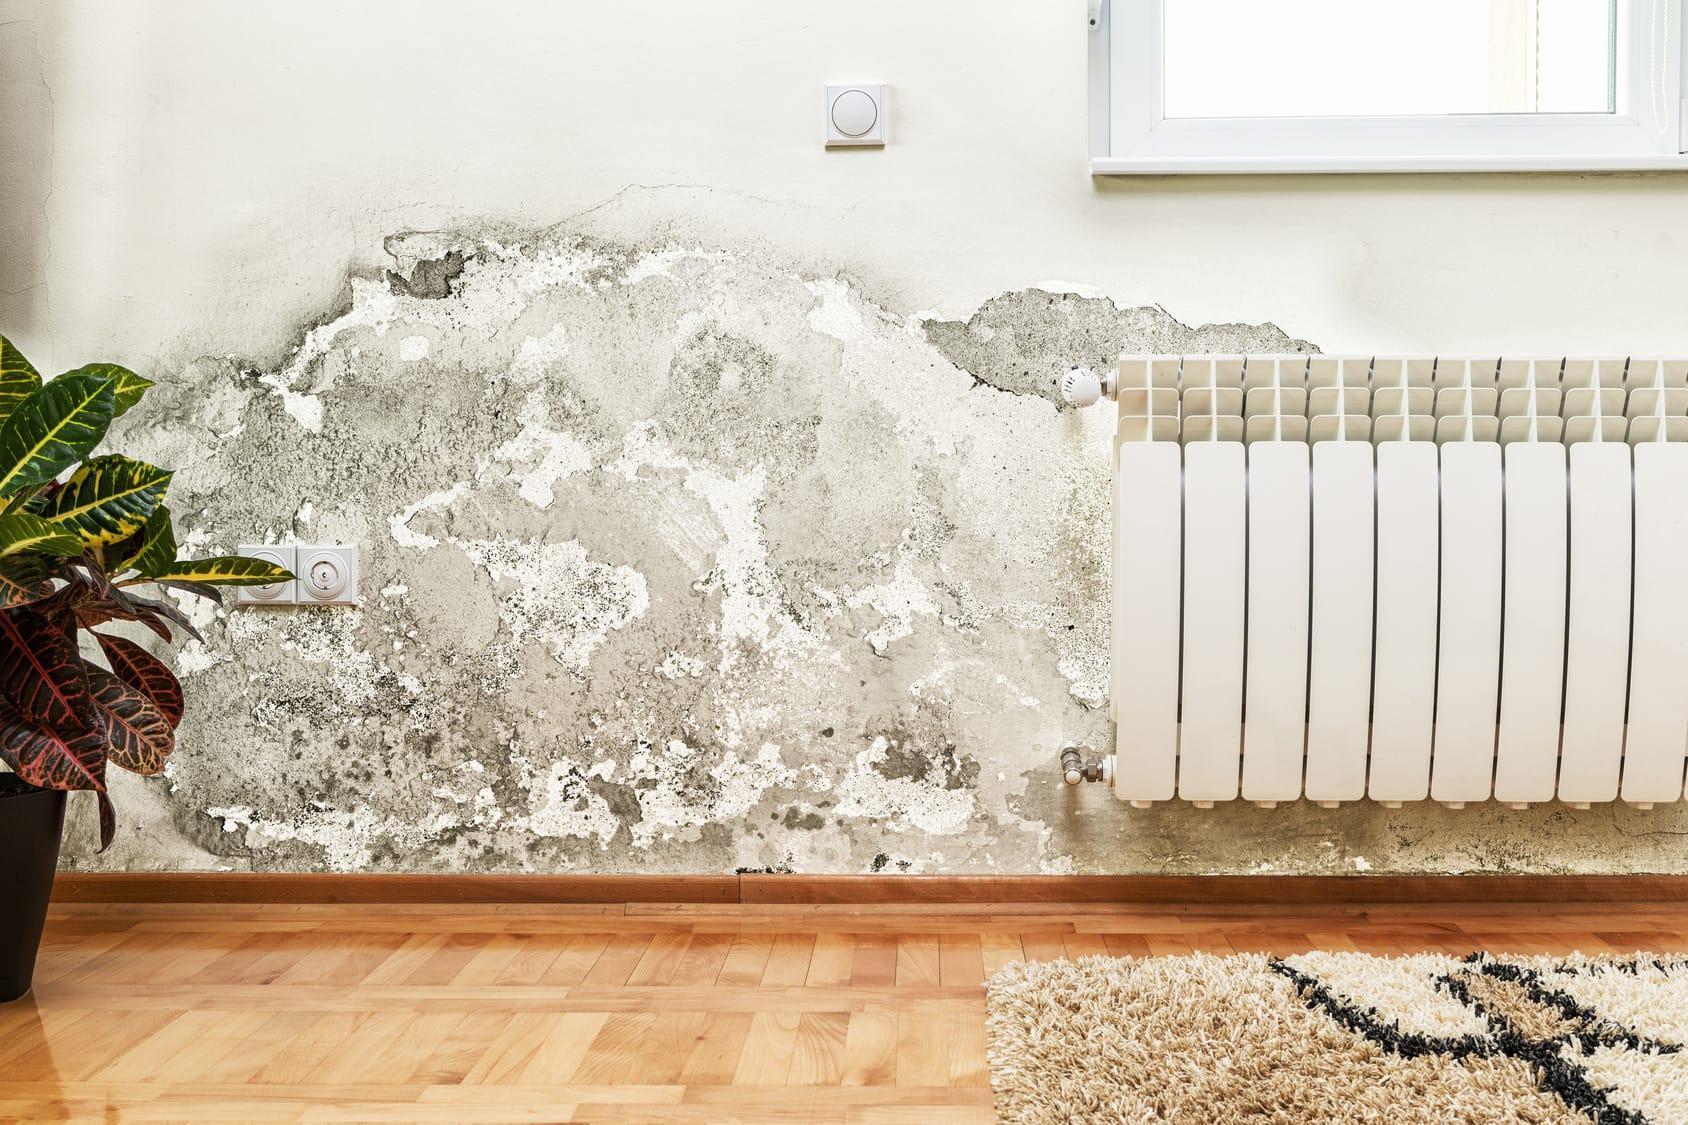 Schimmel In Der Wohnung Beseitigen schimmel entfernen schritt für schritt anleitung haushaltstipps